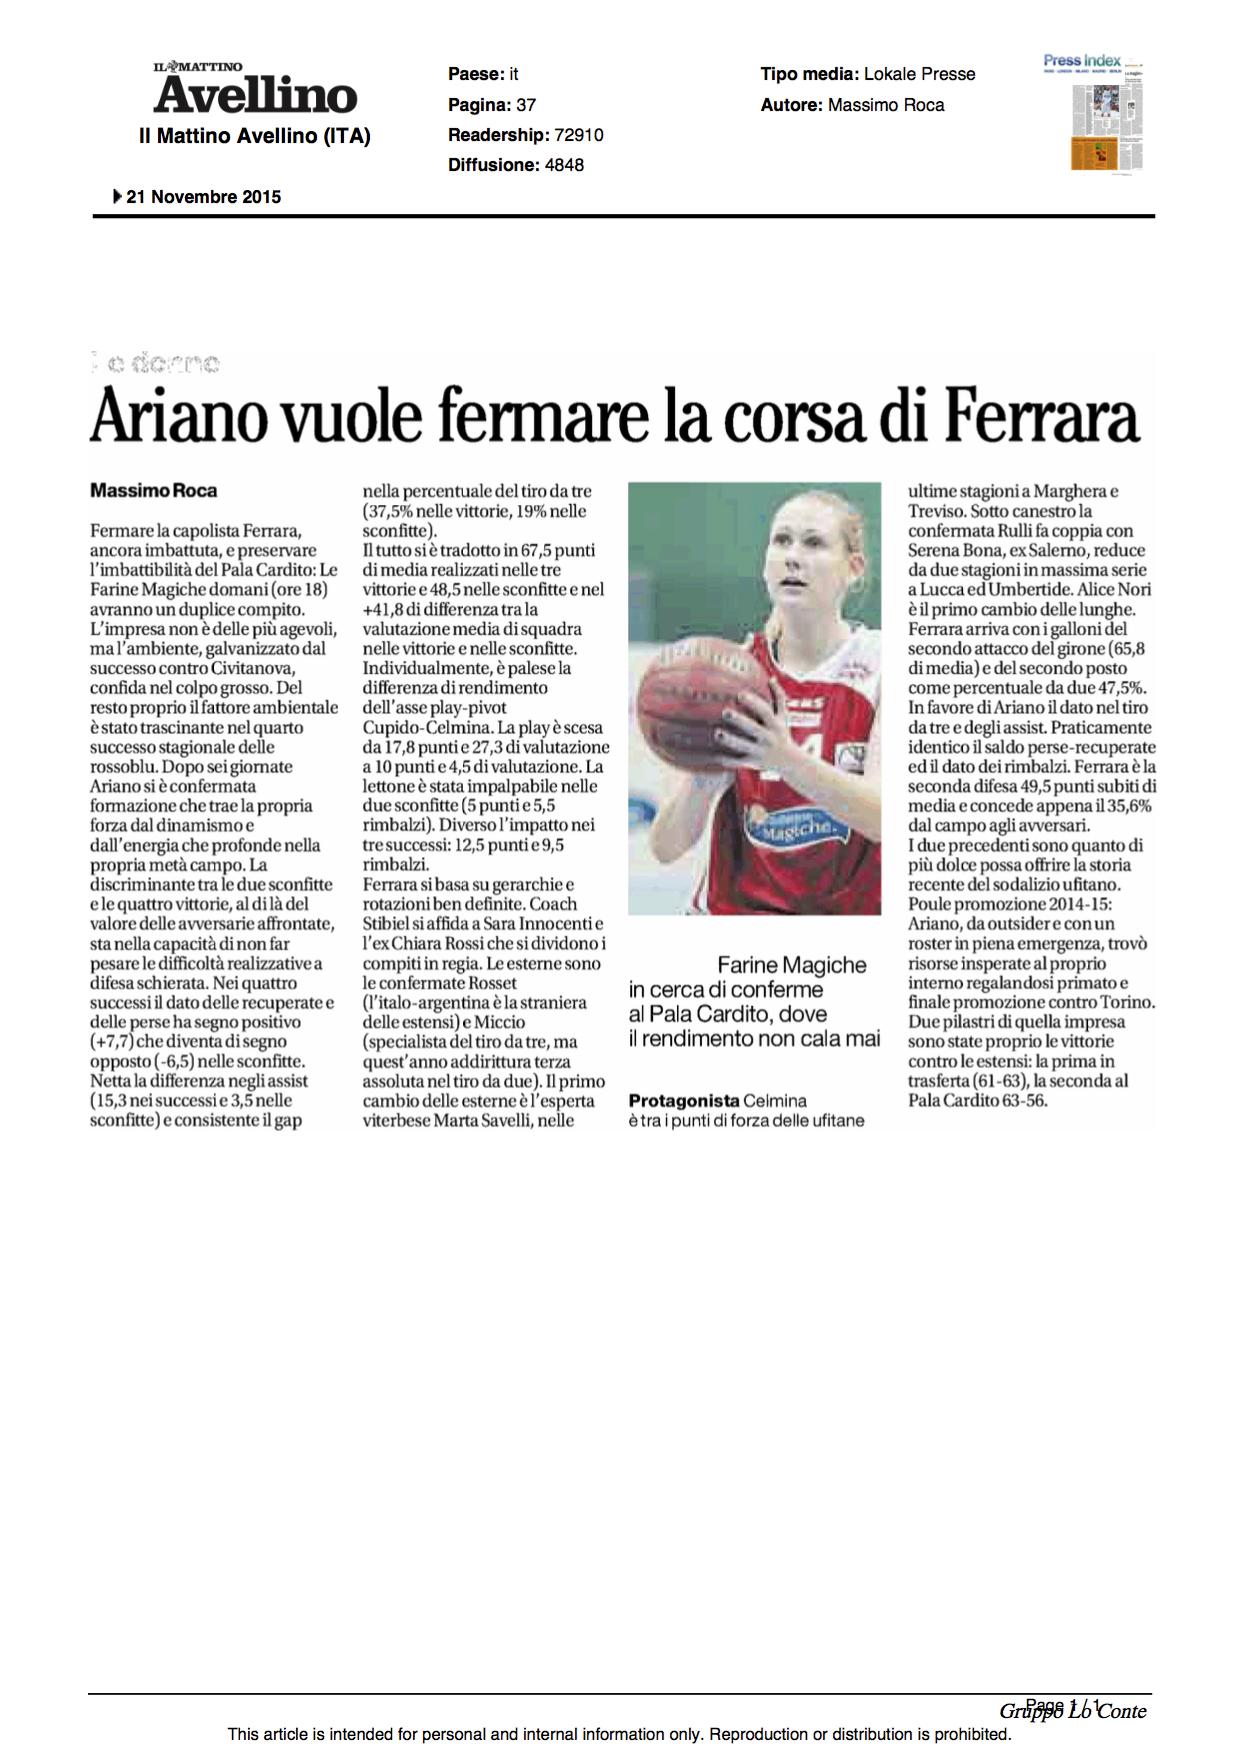 21.11.2015_Il Mattino Ed Avellino